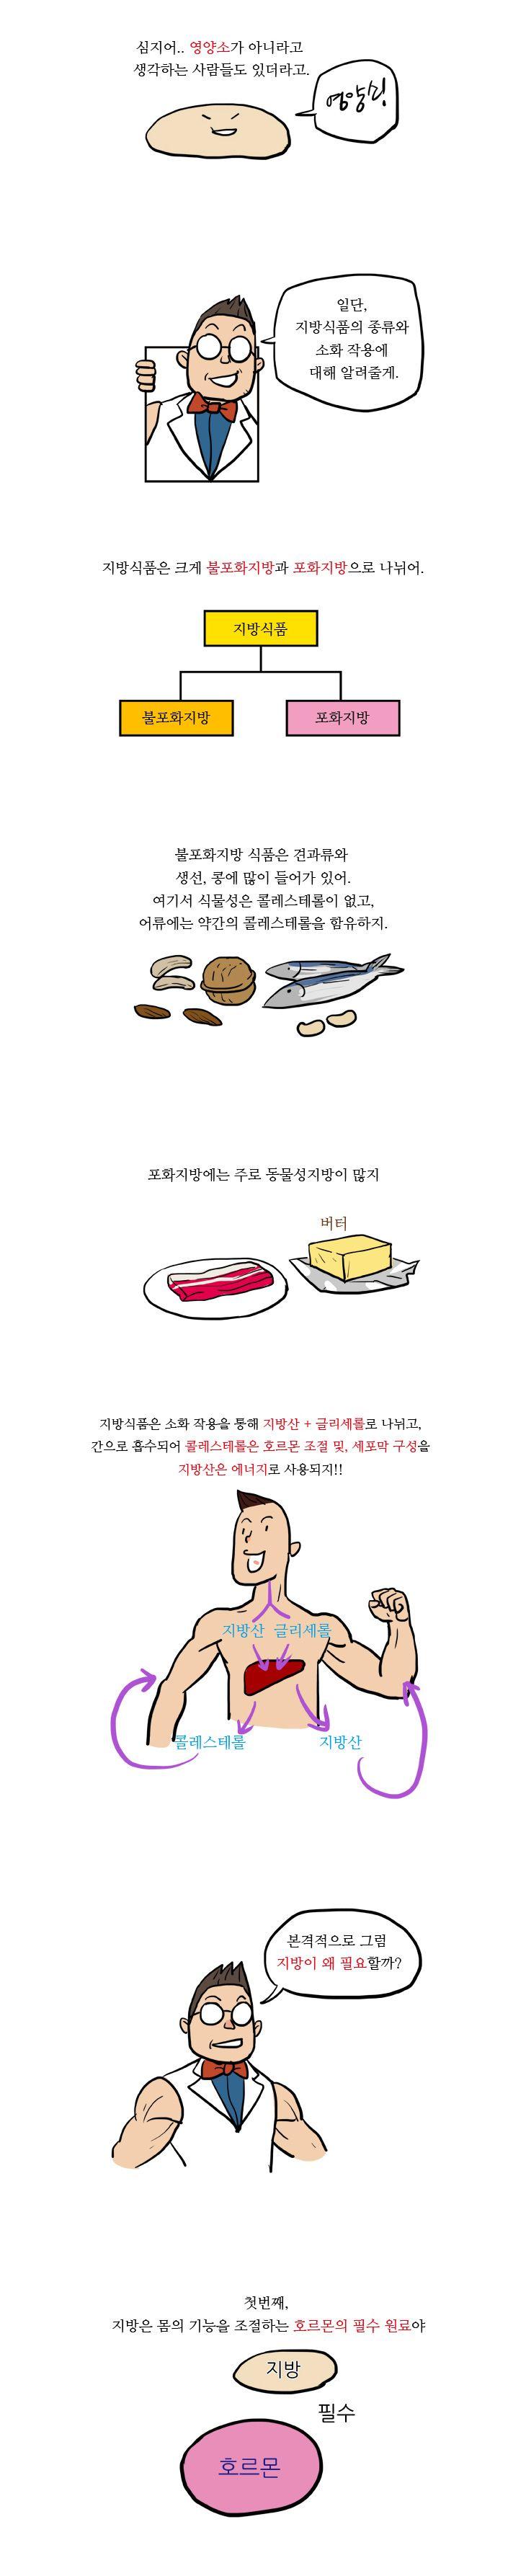 13화, 우리가 지방을 섭취해야 하는 이유!